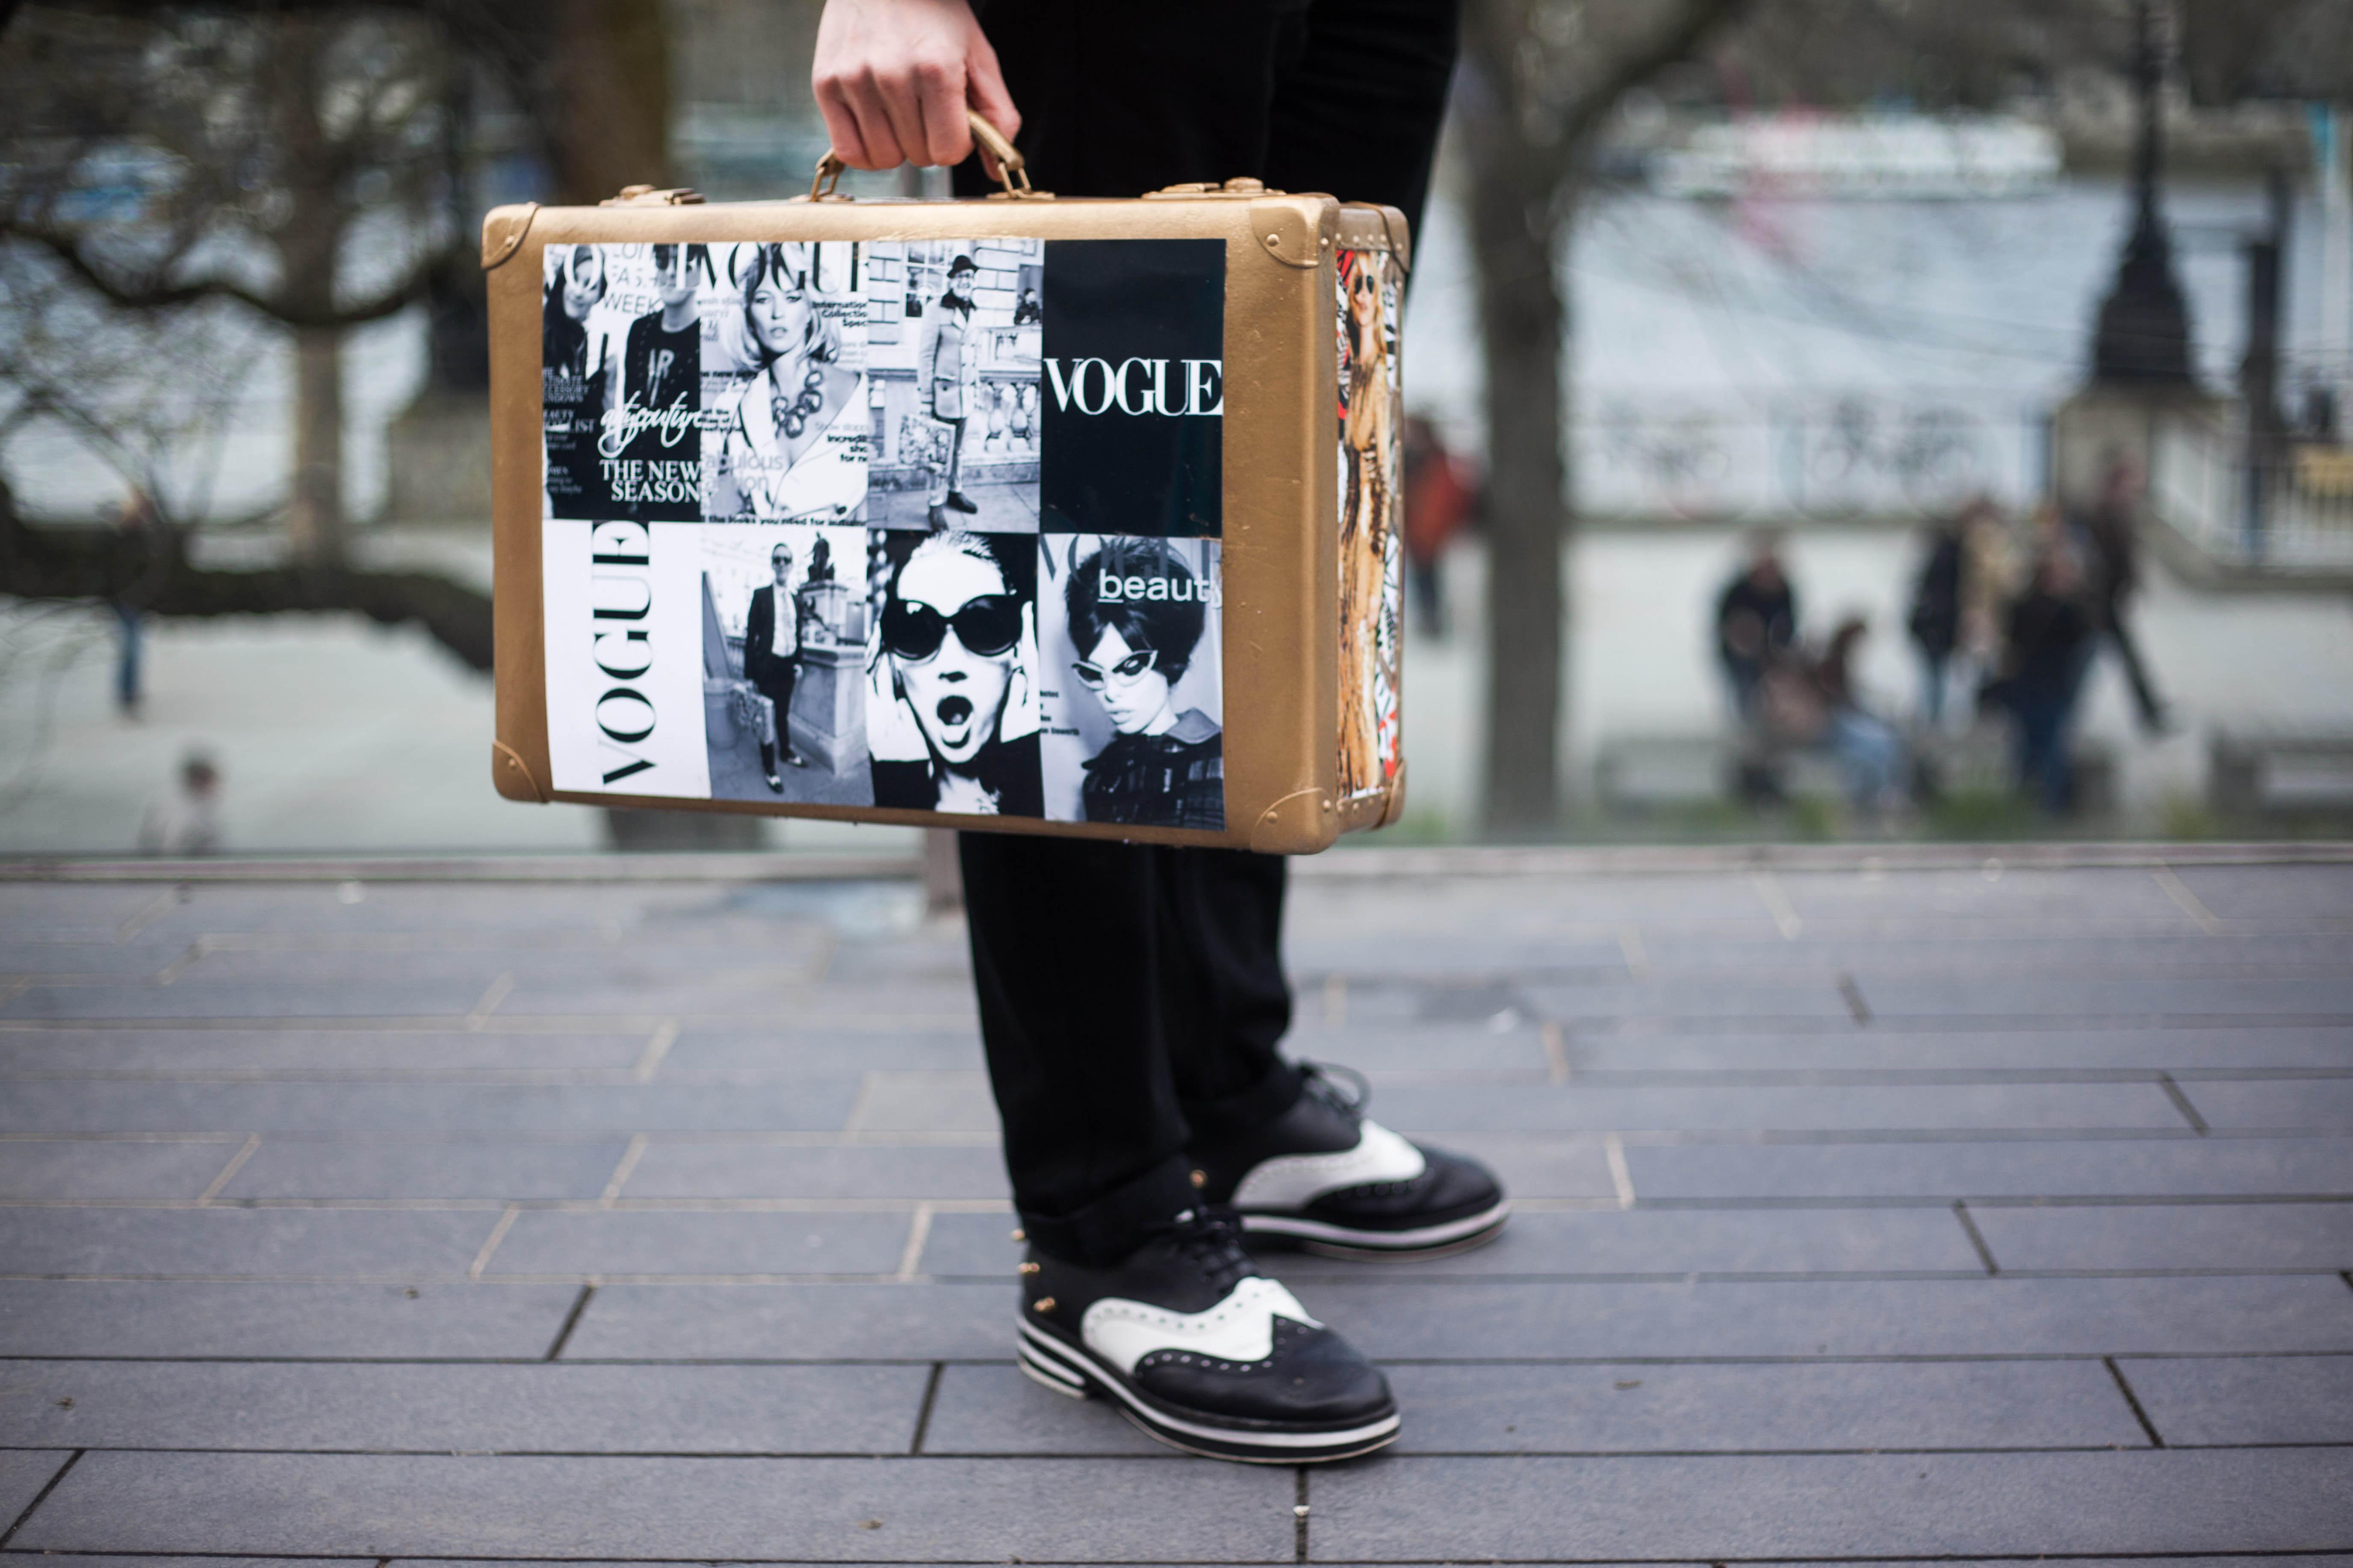 vogue_festival_london